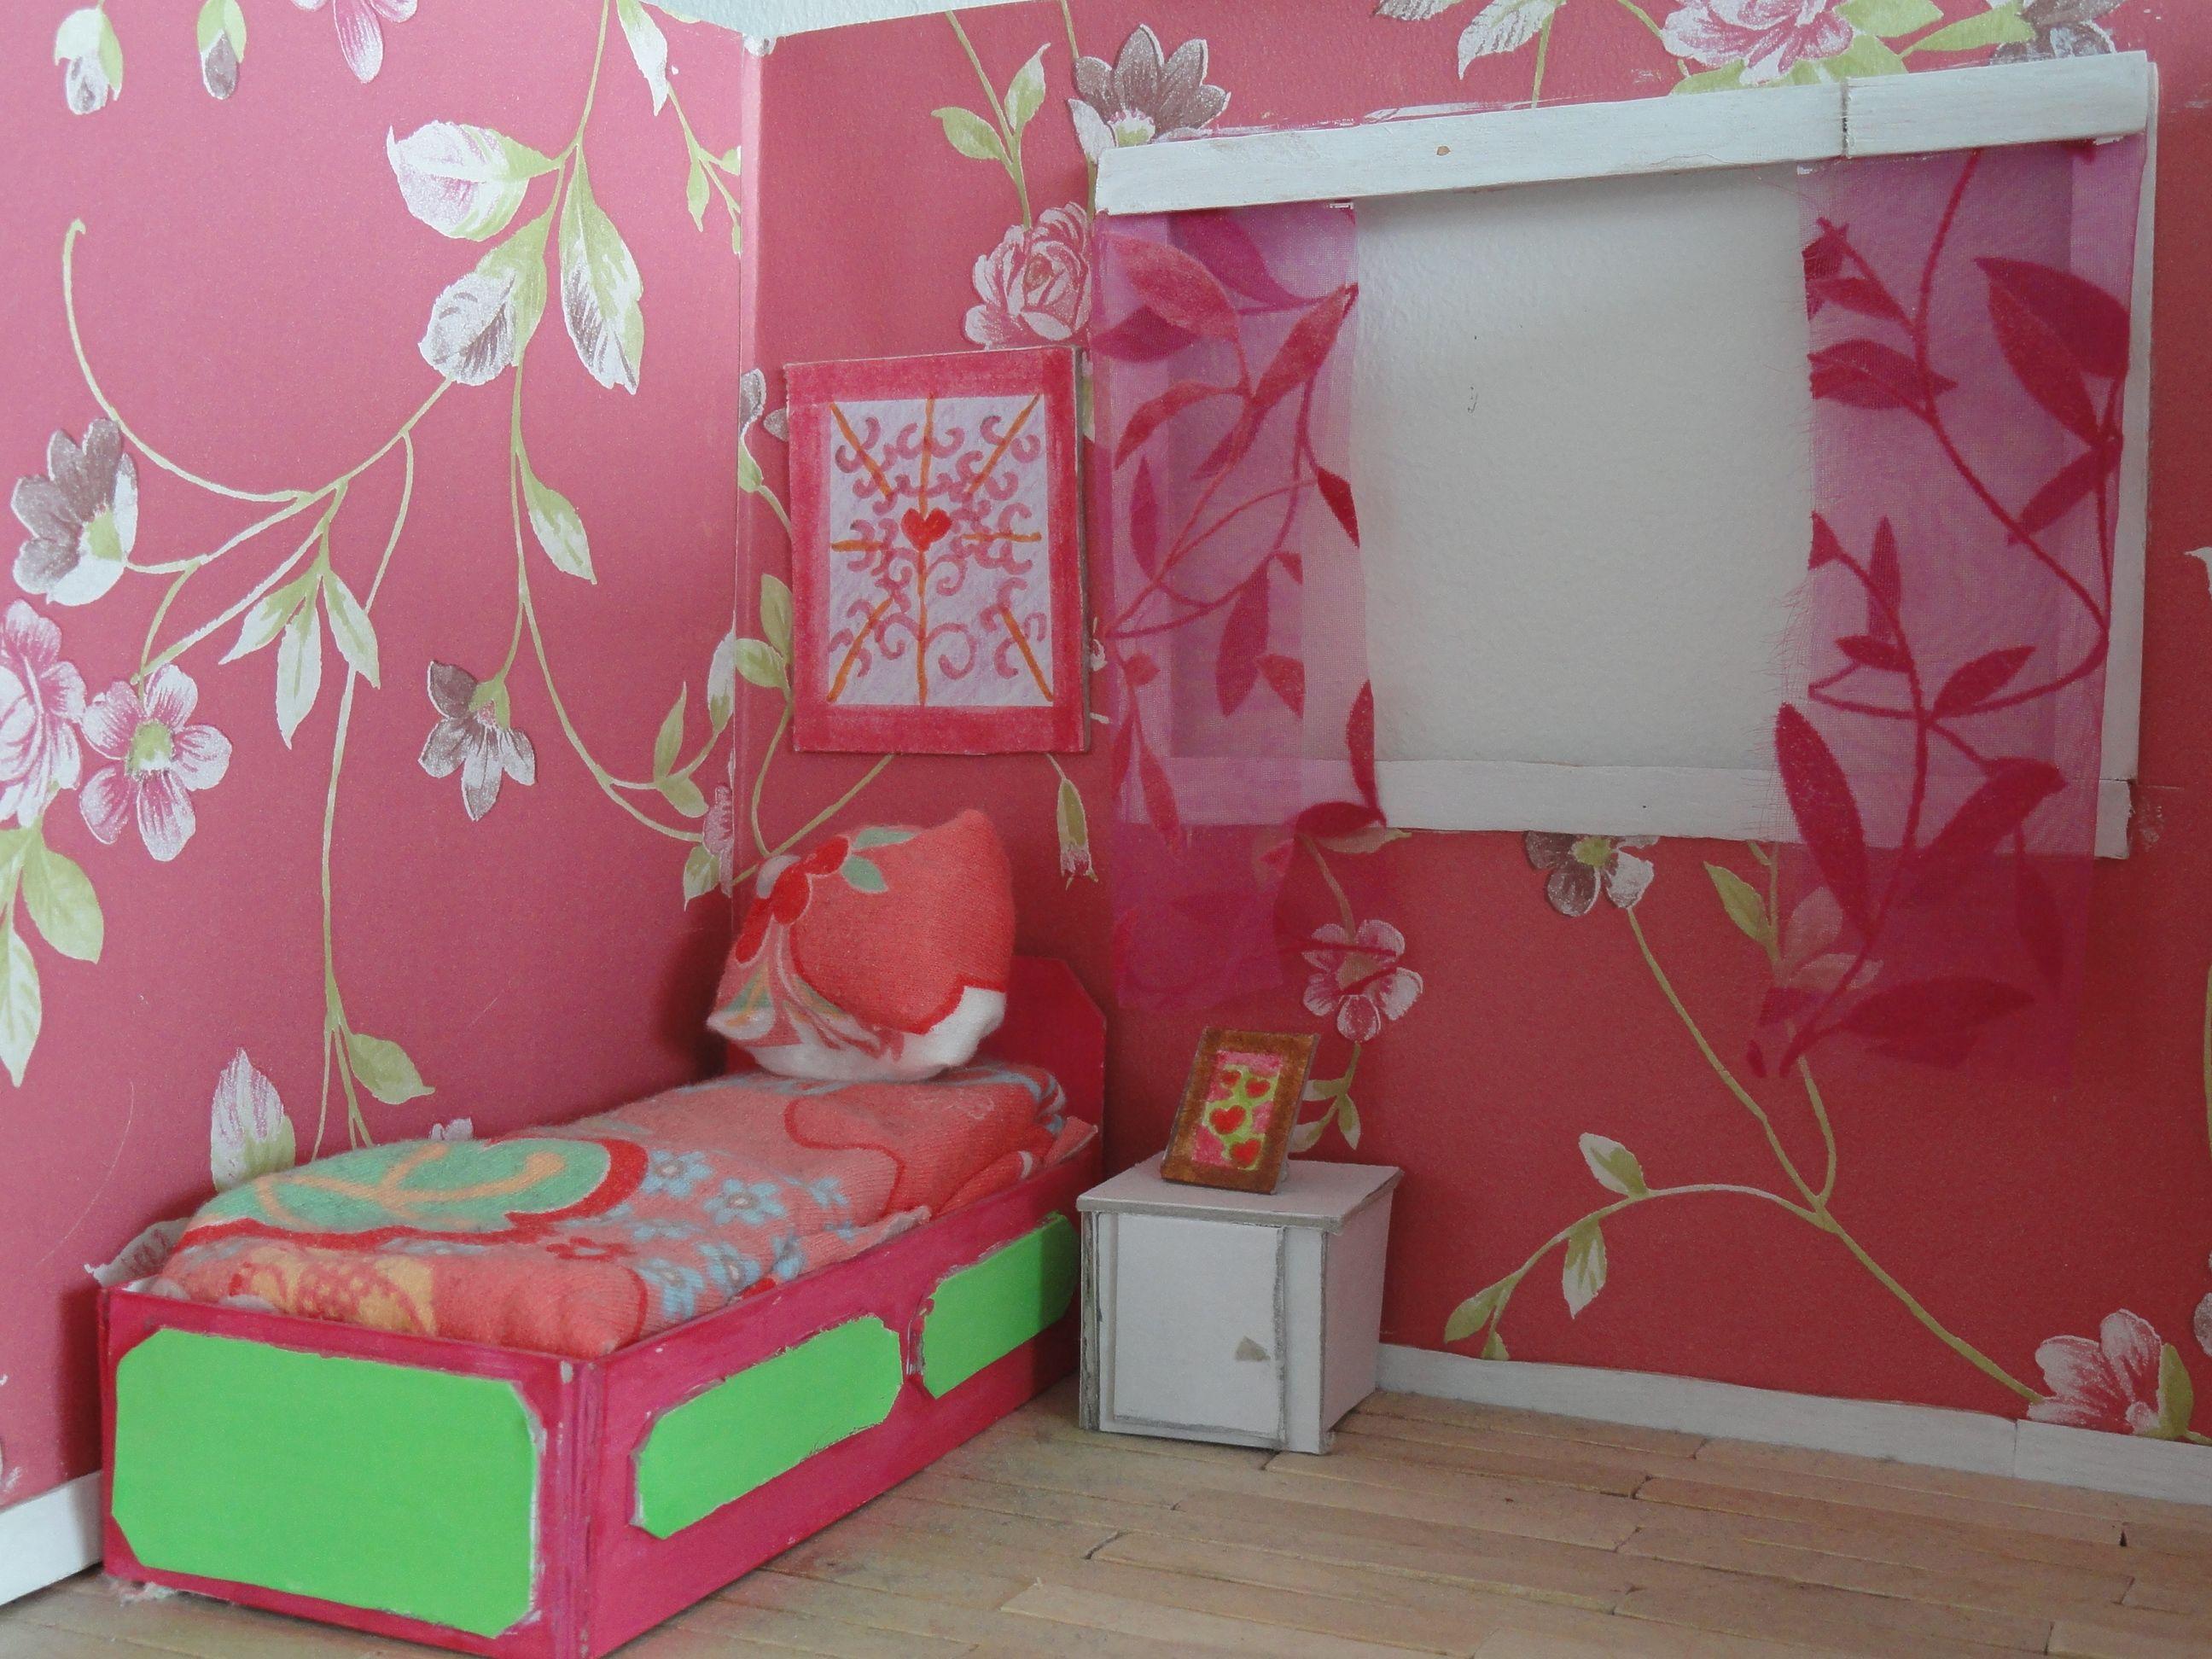 Ledikant Fjord Huisdecoratie Ledikant Slaapkamer bruin en